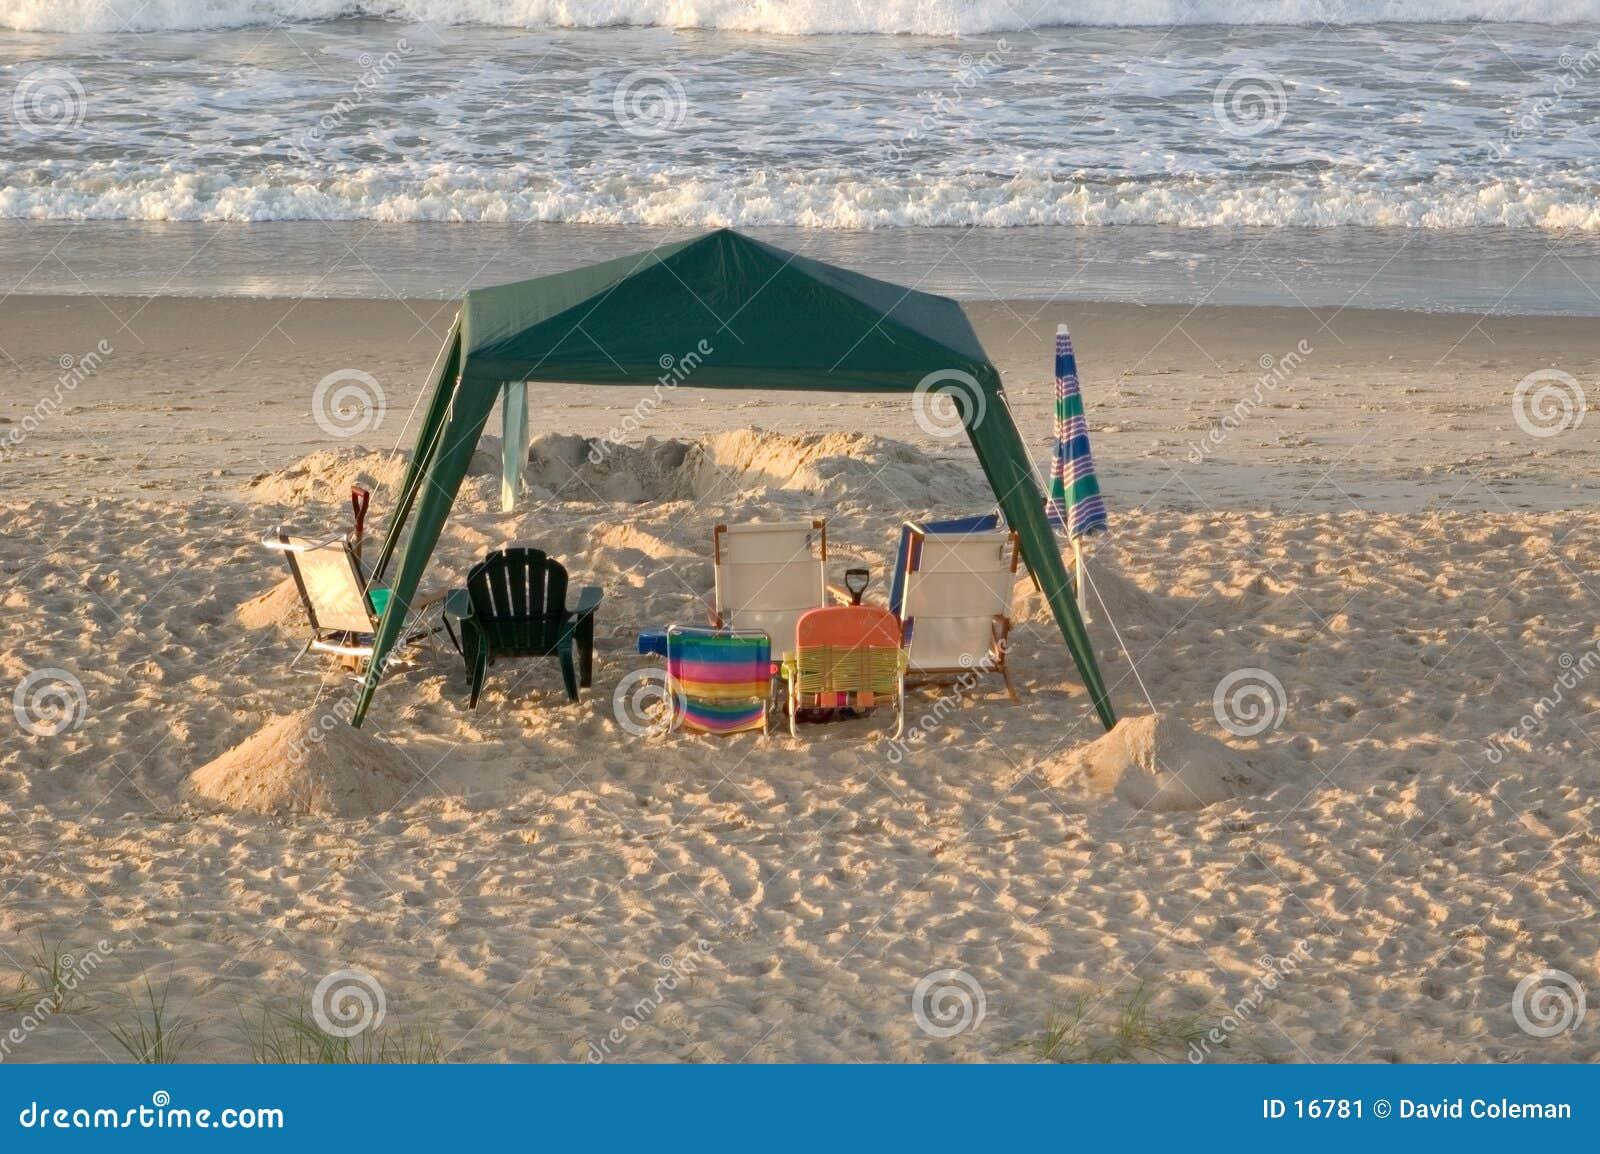 Download 空海滩的机盖 库存图片. 图片 包括有 椅子, 沙子, 风雨棚, 旅行, 树荫, 通知, 火箭筒, 银行业务, 北部 - 16781